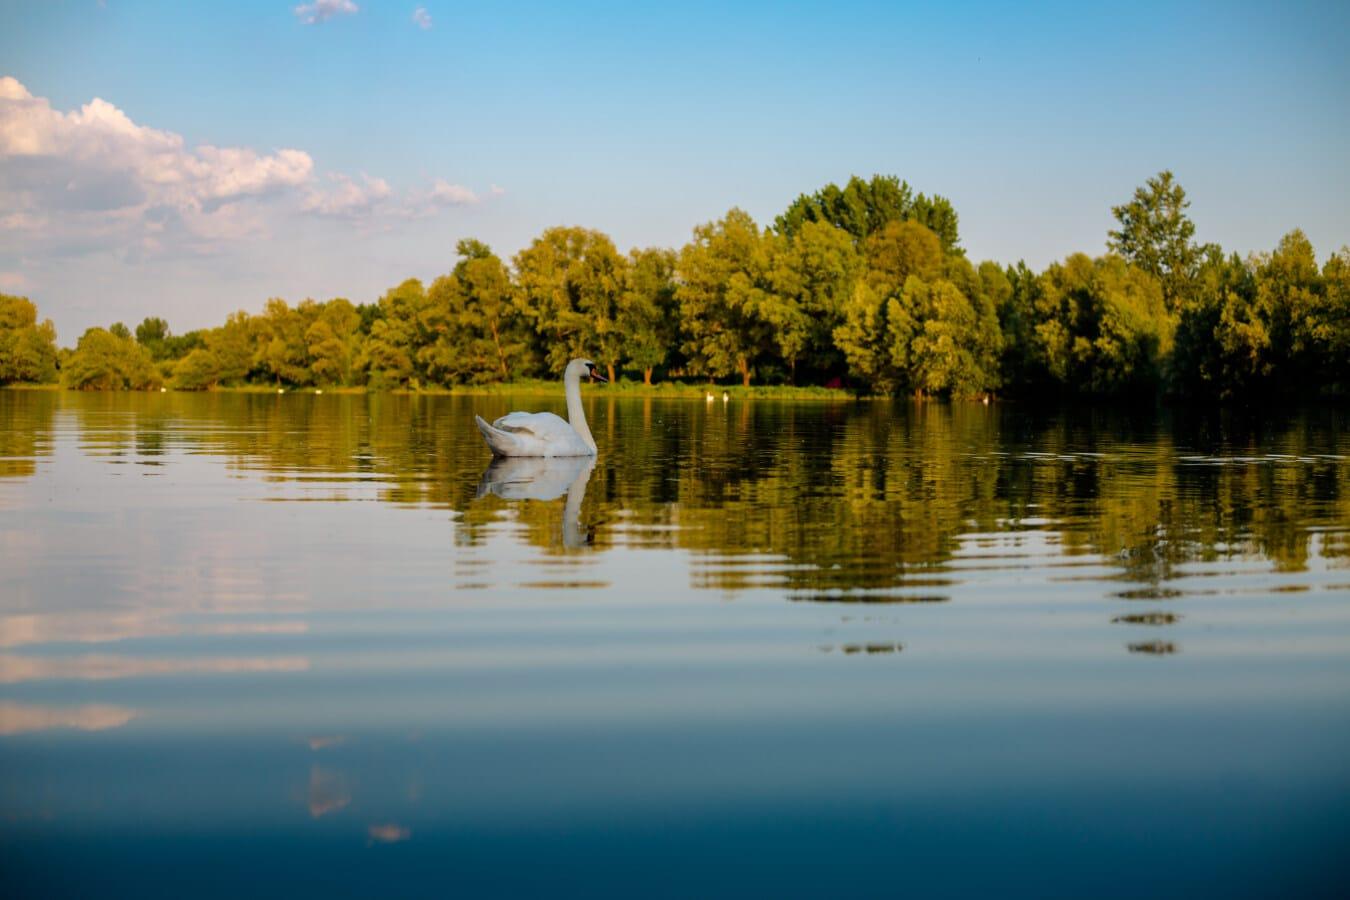 sjöfåglar, svan, vattenlevande fågel, landskap, reflektion, sjön, vatten, naturen, gryning, solnedgång